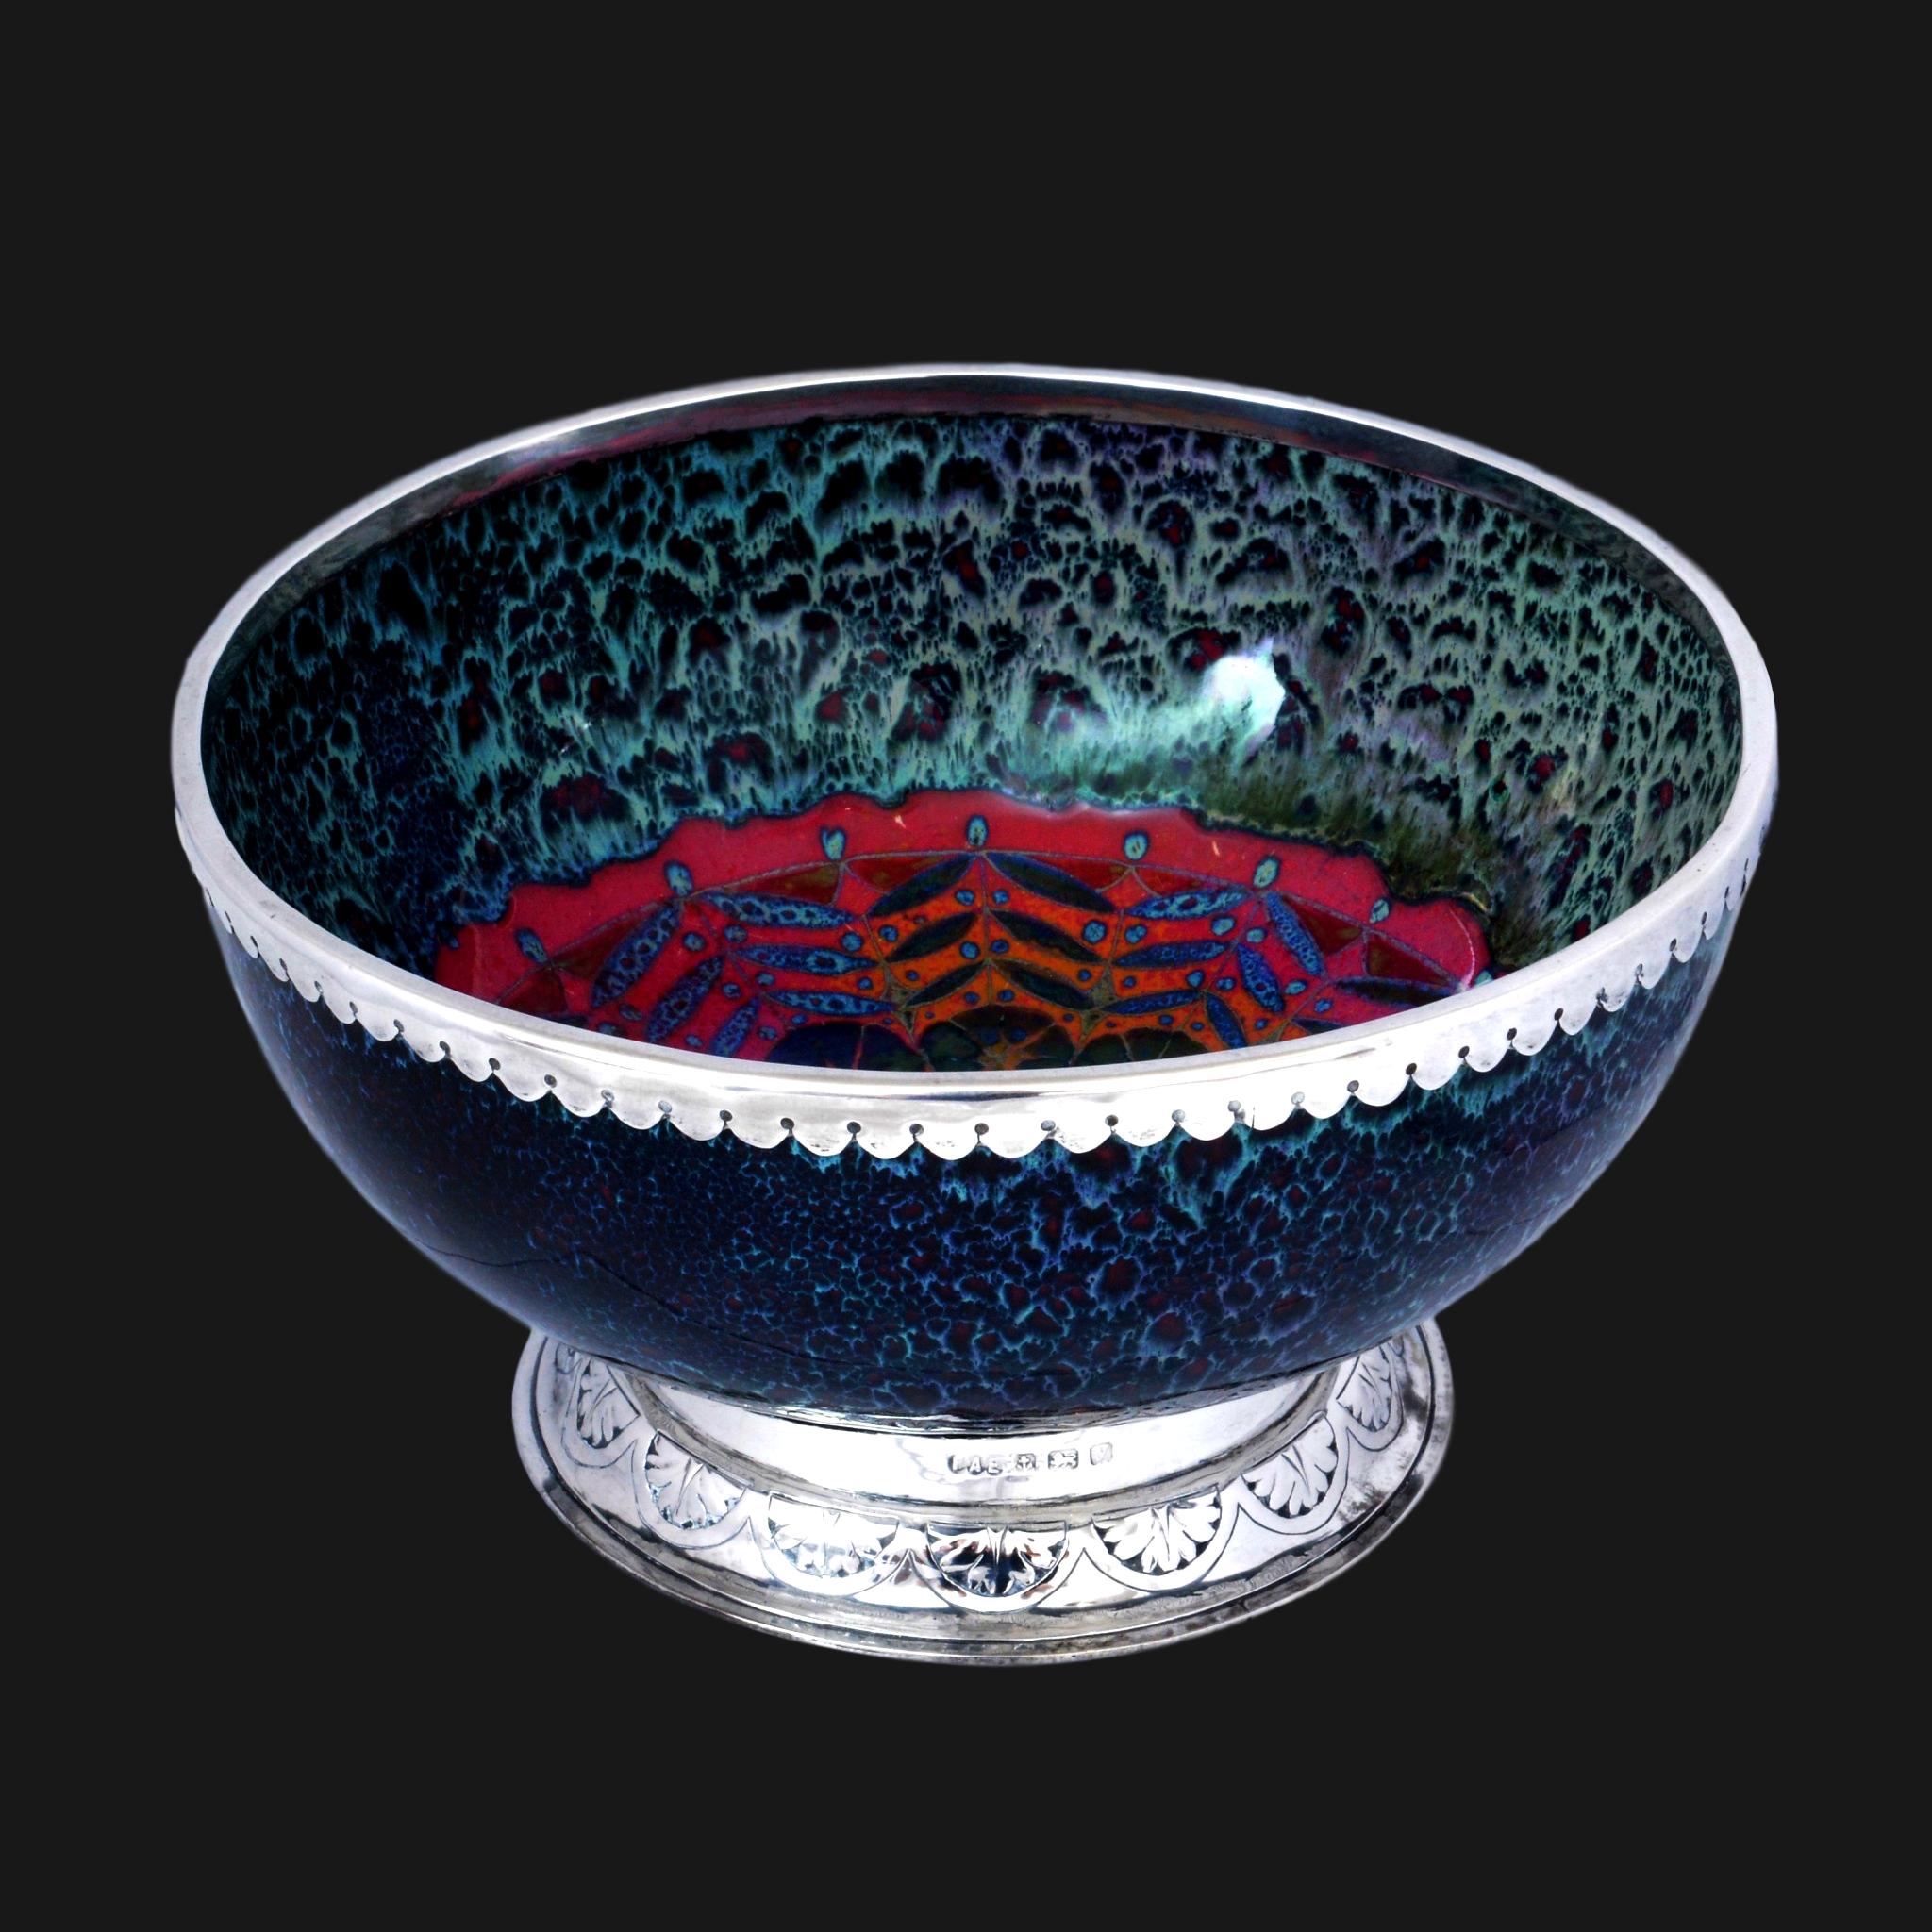 Doulton Sung, Francis Arthur Edwardes silver